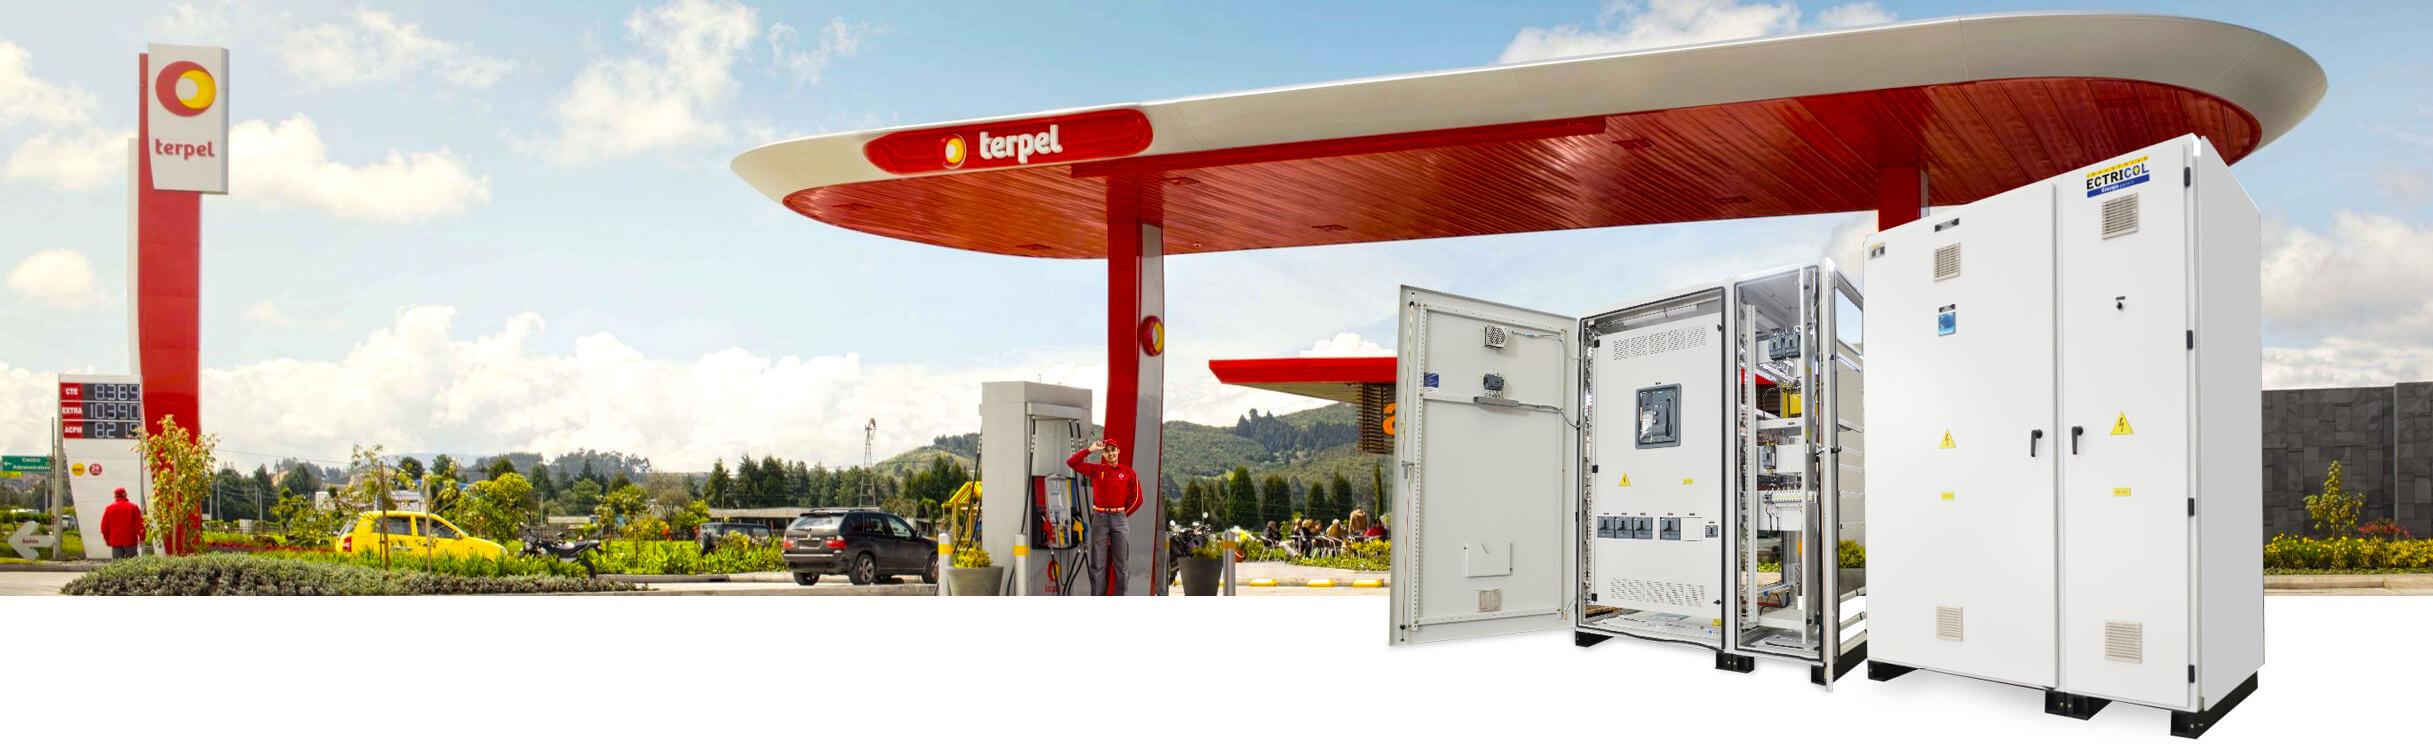 Estaciones Terpel para carga de vehículos eléctricos la apuesta de movilidad en Colombia